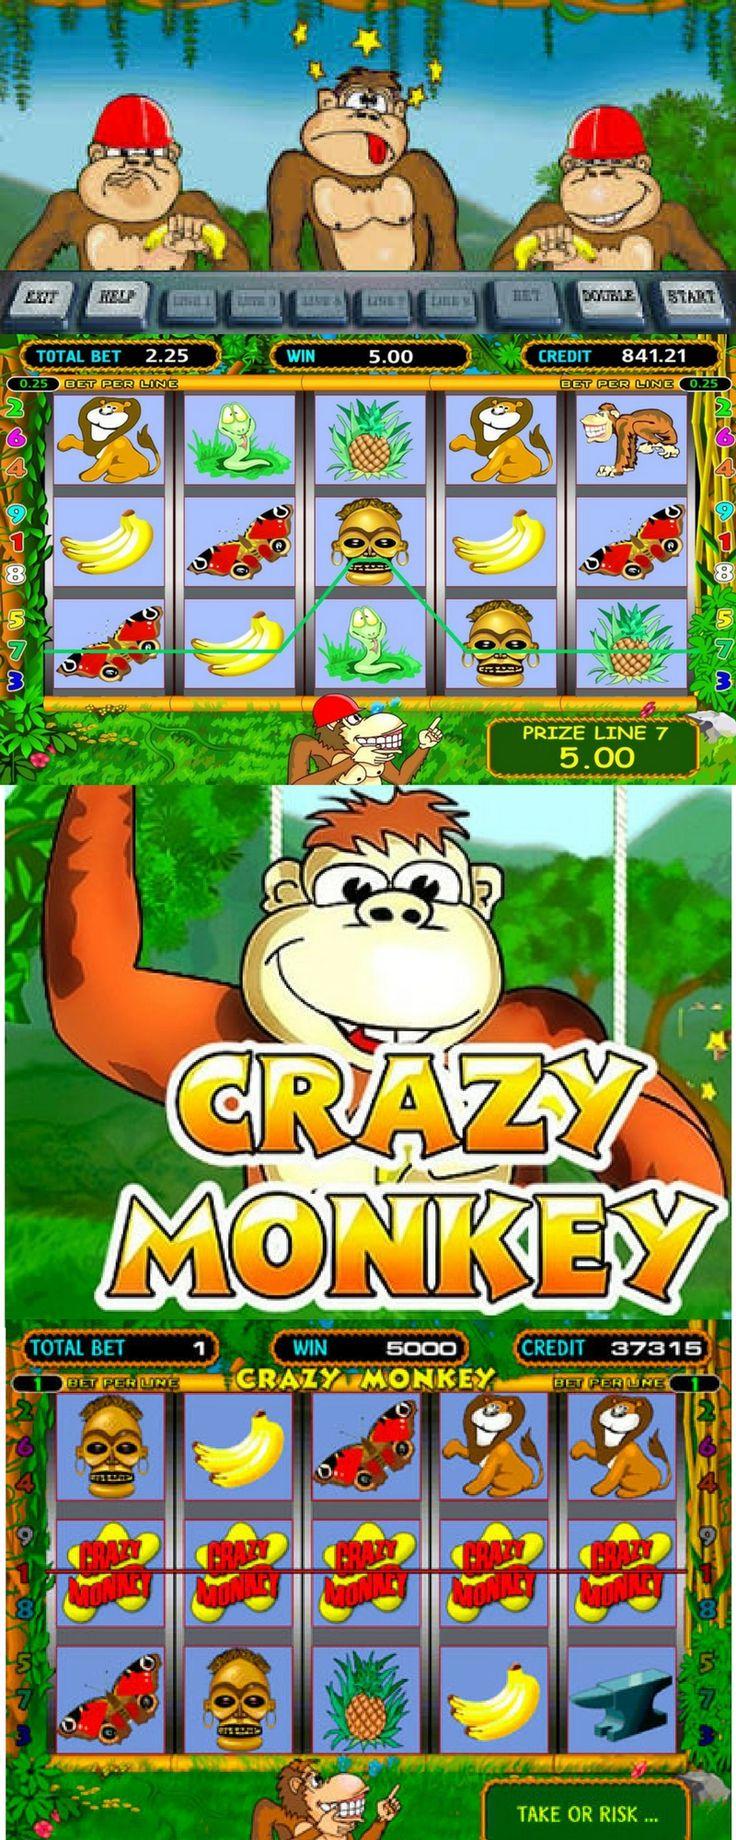 Игровой автомат crazy monkey king ставок идентификация